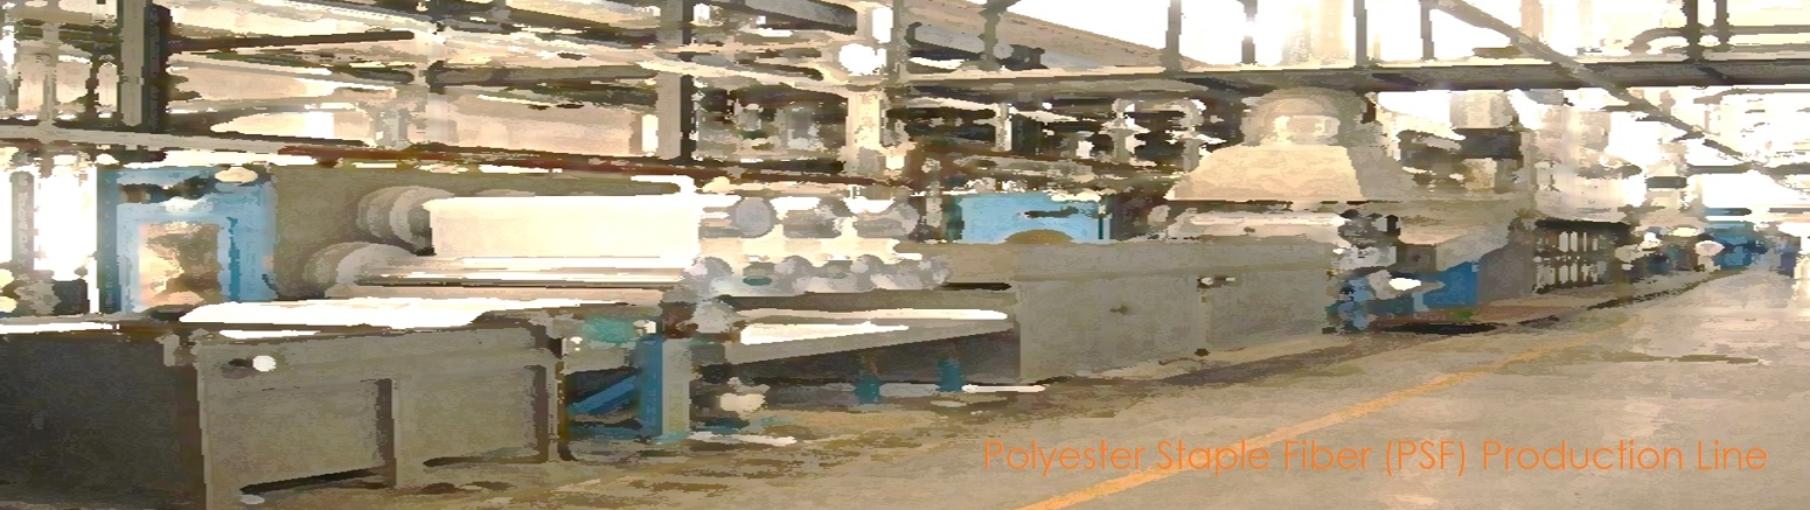 PSF-Machinery